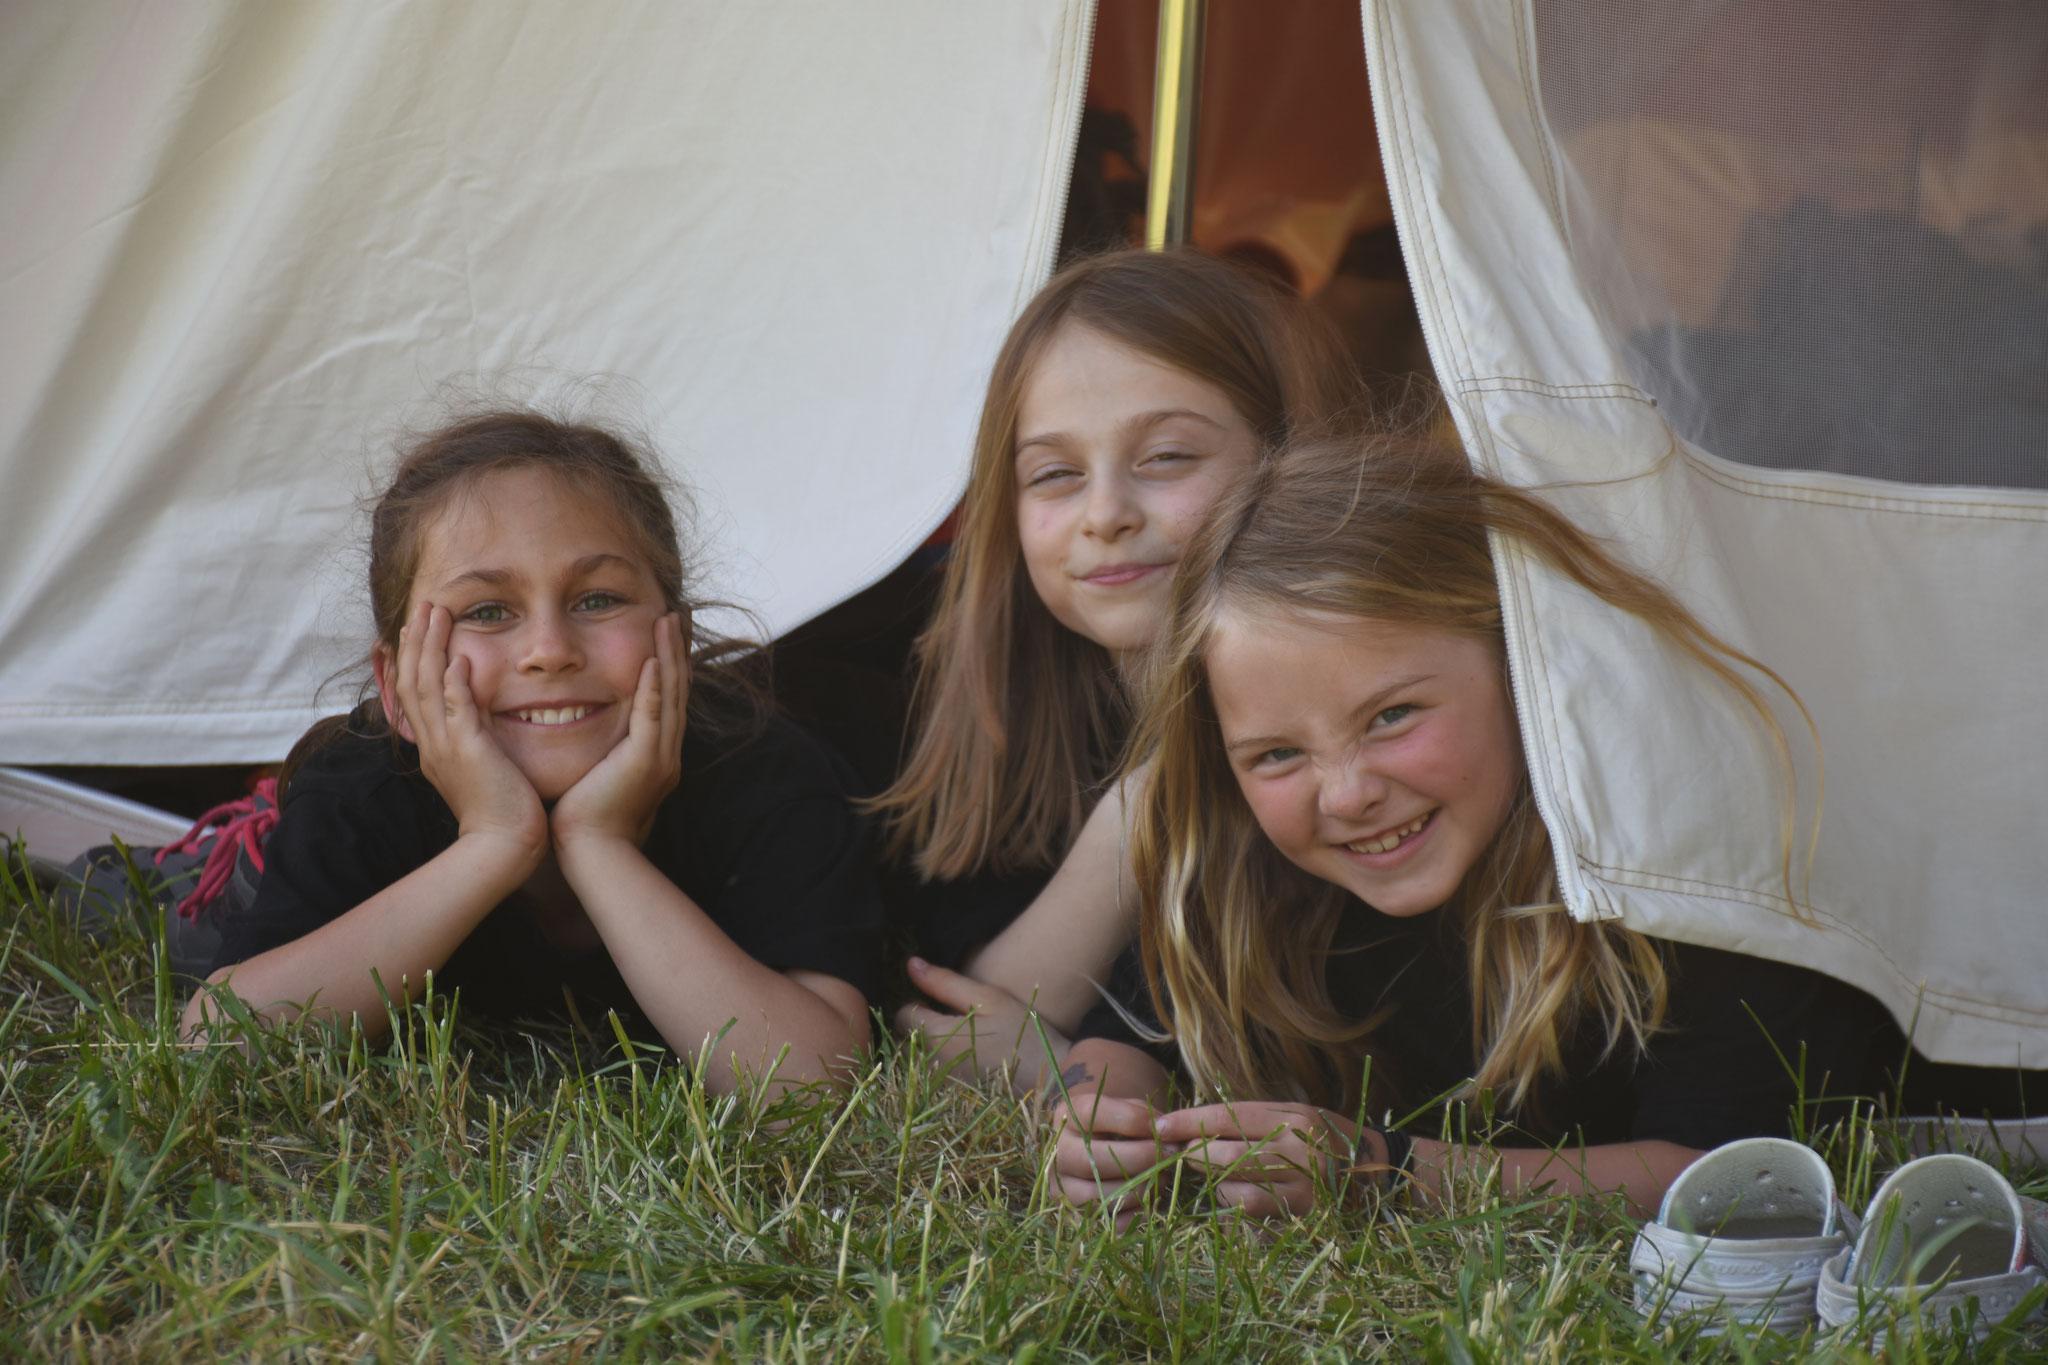 ...Lager im Zelt z'verbringe.